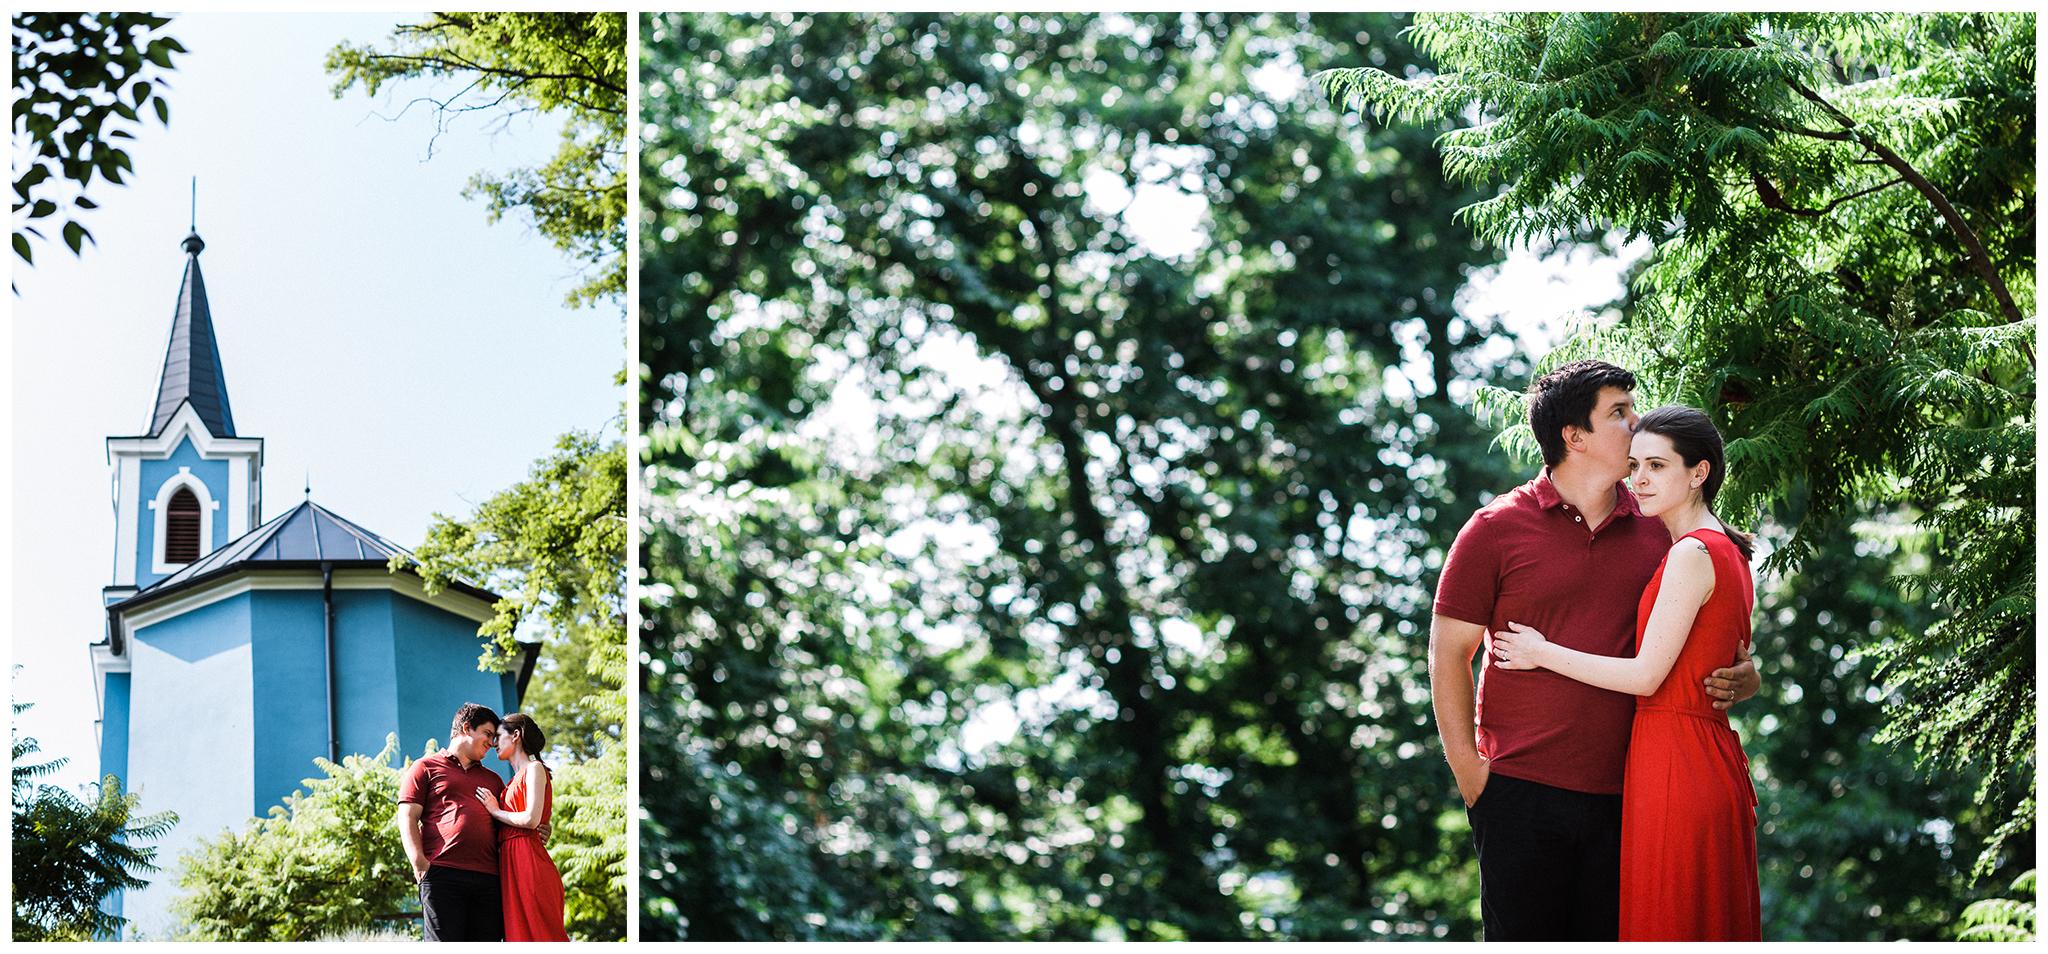 MONT_FylepPhoto, Esküvőfotós Vasmegye, Esküvő fotózás, Esküvői fotós, Körmend, Vas megye, Dunántúl, Budapest, Fülöp Péter, Jegyes fotózás, jegyes, kreatív, kreatívfotózás, Balaton, Levendula, lavender, Ausztira_Petra&Lali_004.jpg